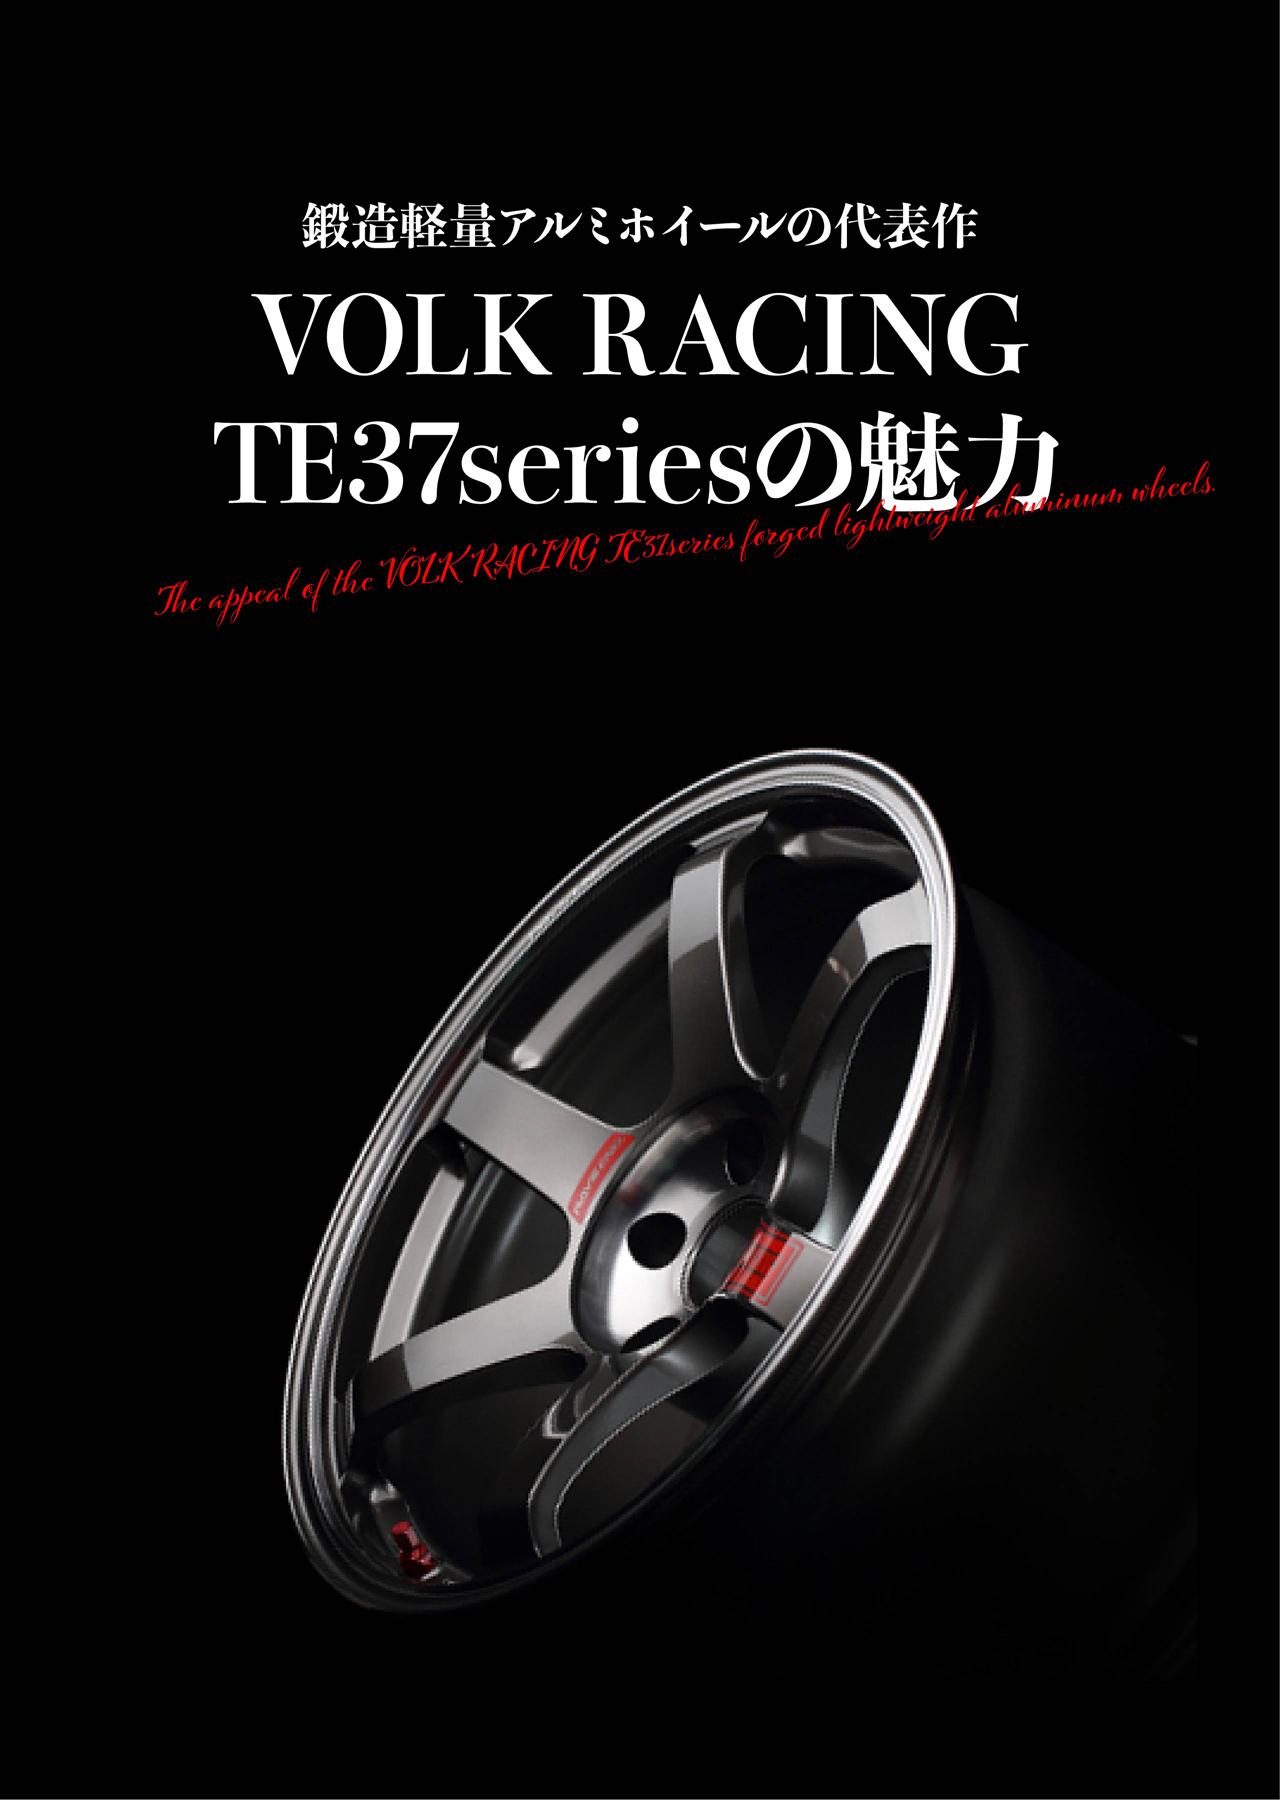 鍛造軽量アルミホイールの代表作VOLK RACING(ボルクレーシング) TE37シリーズの魅力